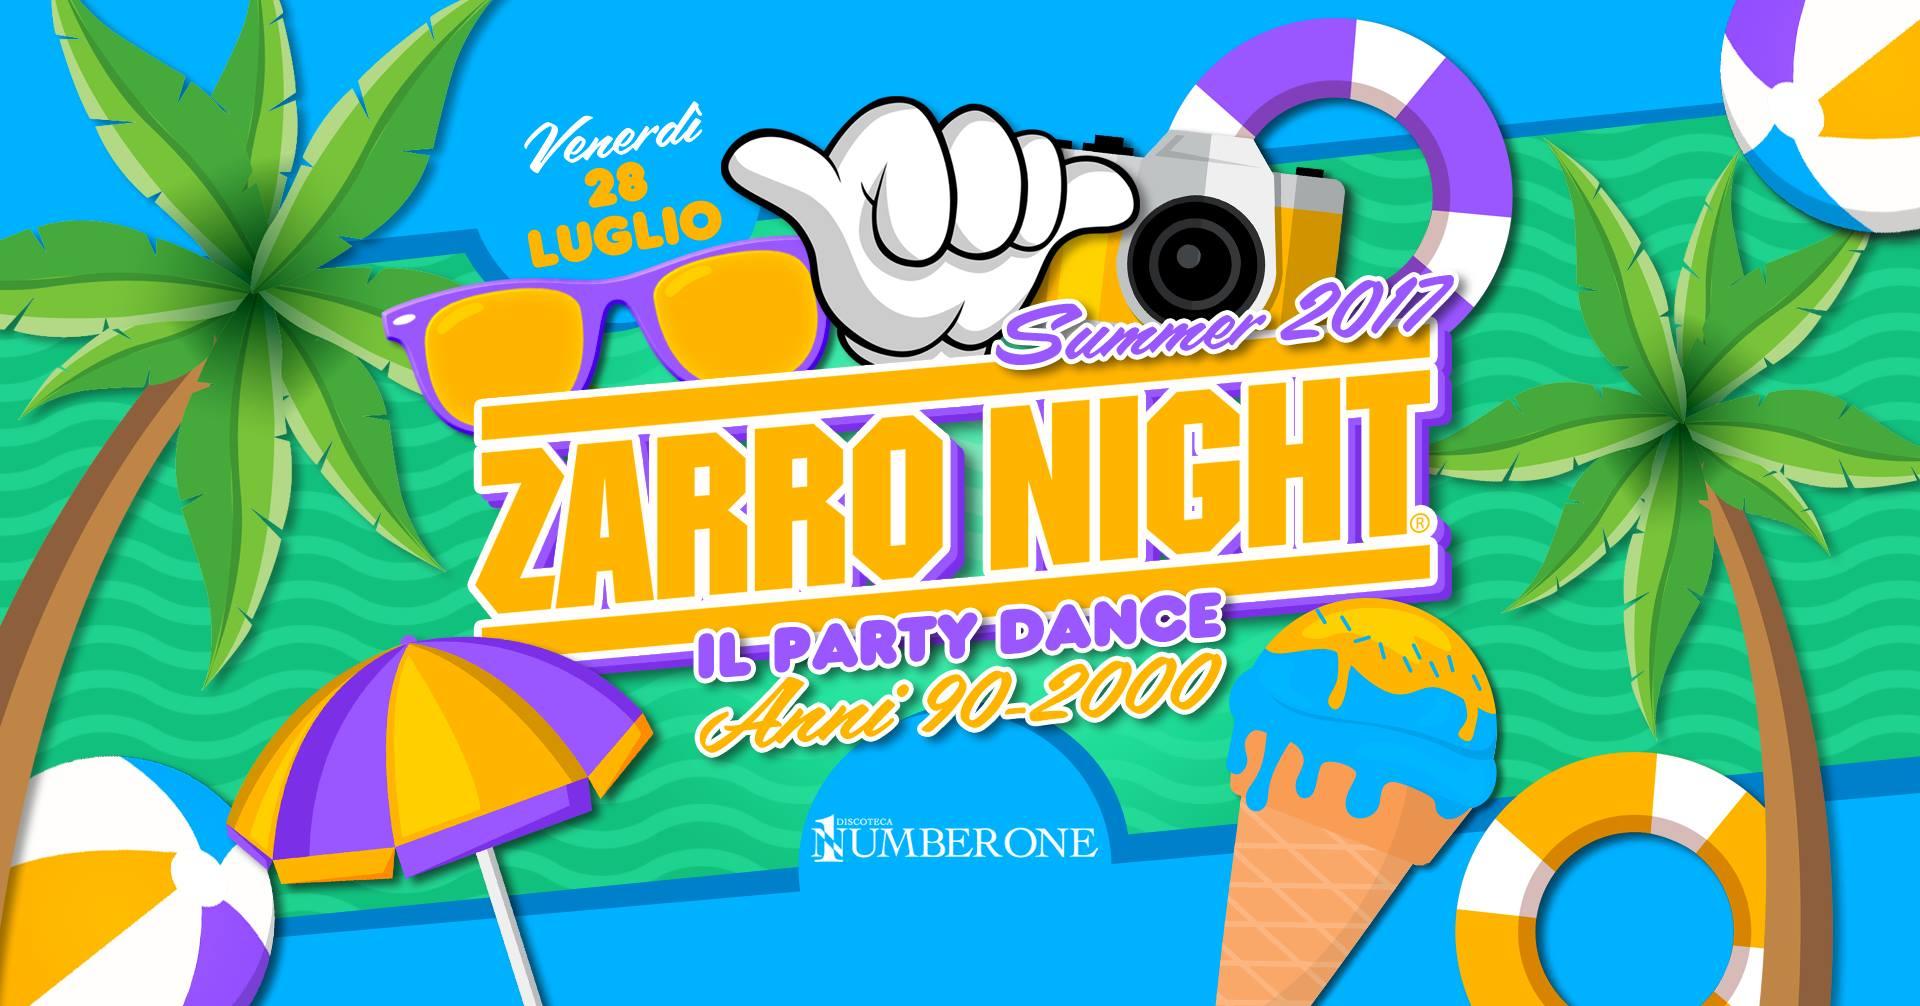 ZARRO NIGHT Summer 2017